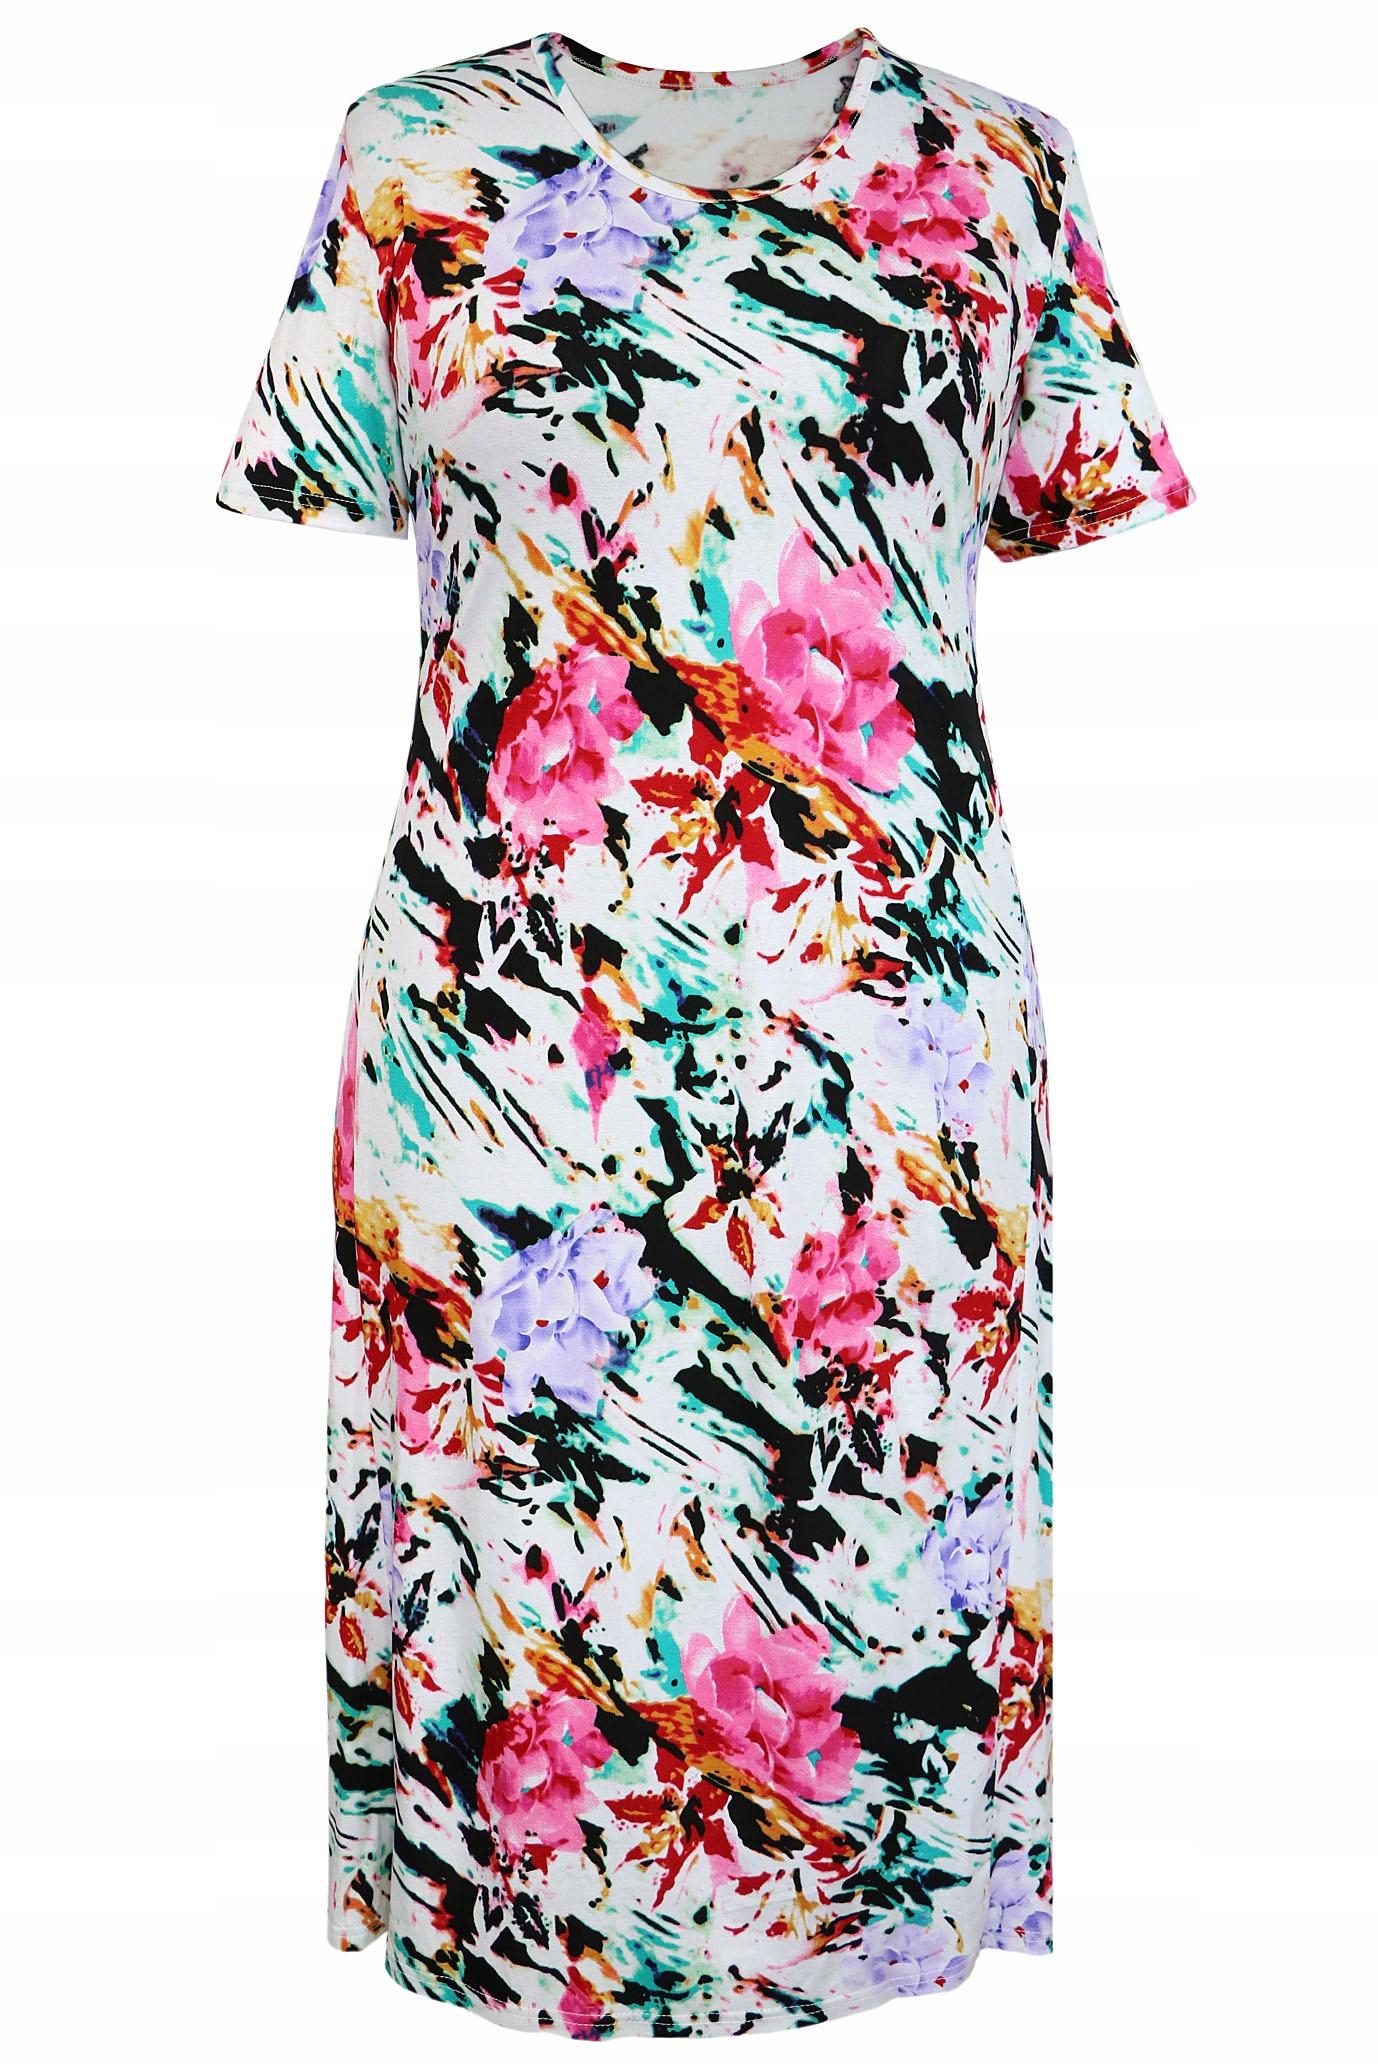 eb21bbc500 sukienka BABABABIE kolorowa wygodna wiskoza 58 -% - 7543698218 ...